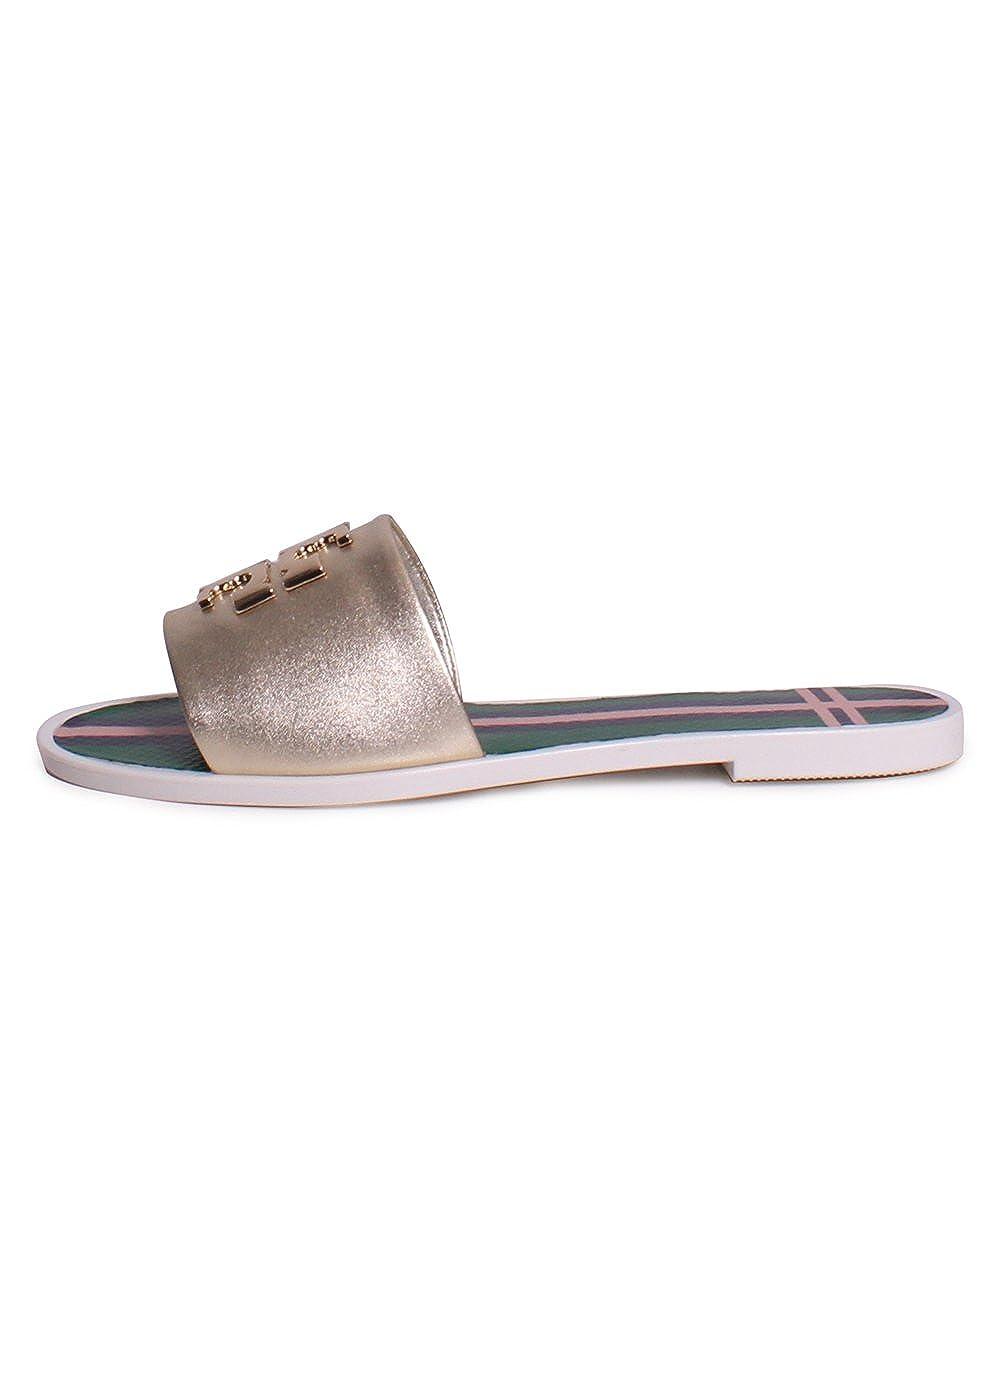 1da9767b41cbe8 Tory Burch Logo Jelly Flip Flops Shoes Sandals Flat New (7